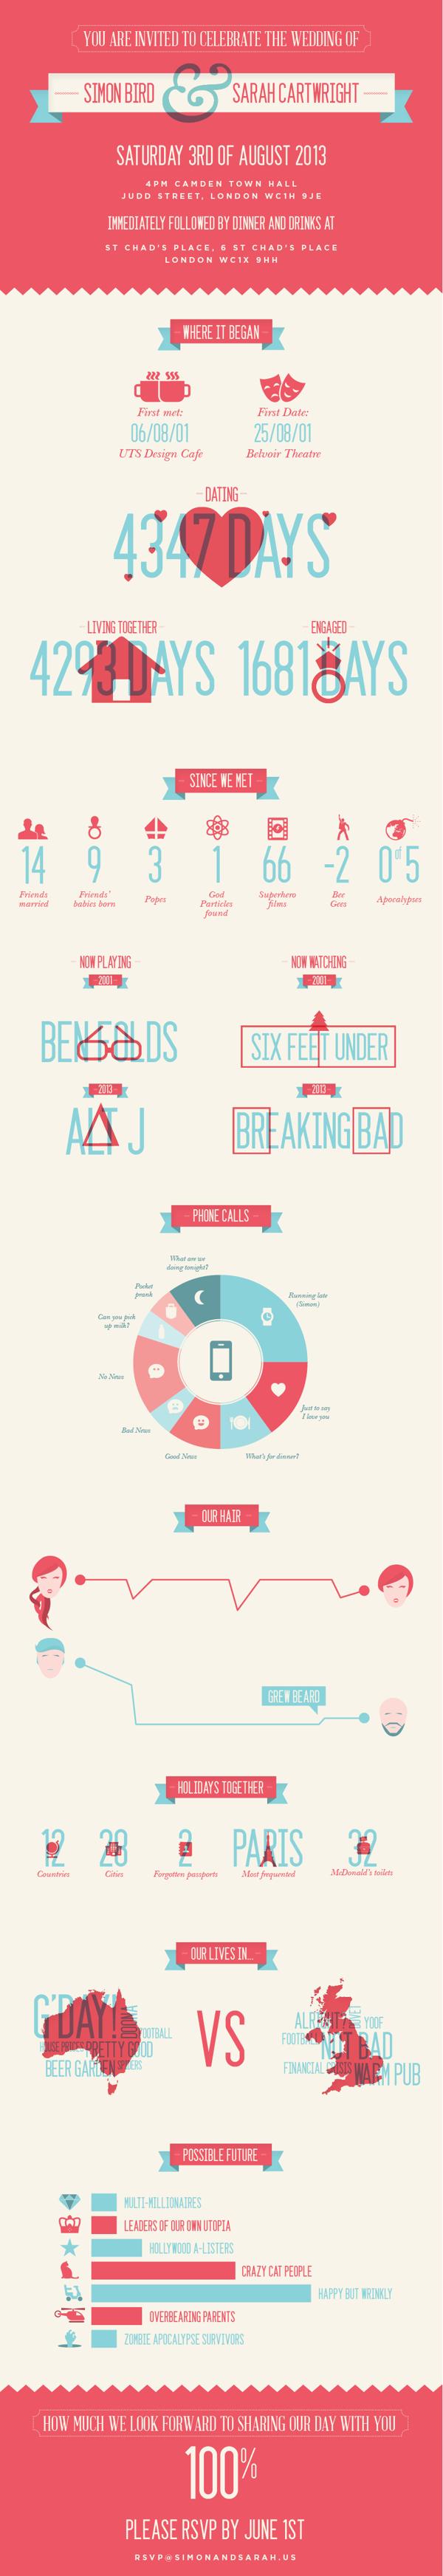 infografico-convite-casamento-simon-sarah